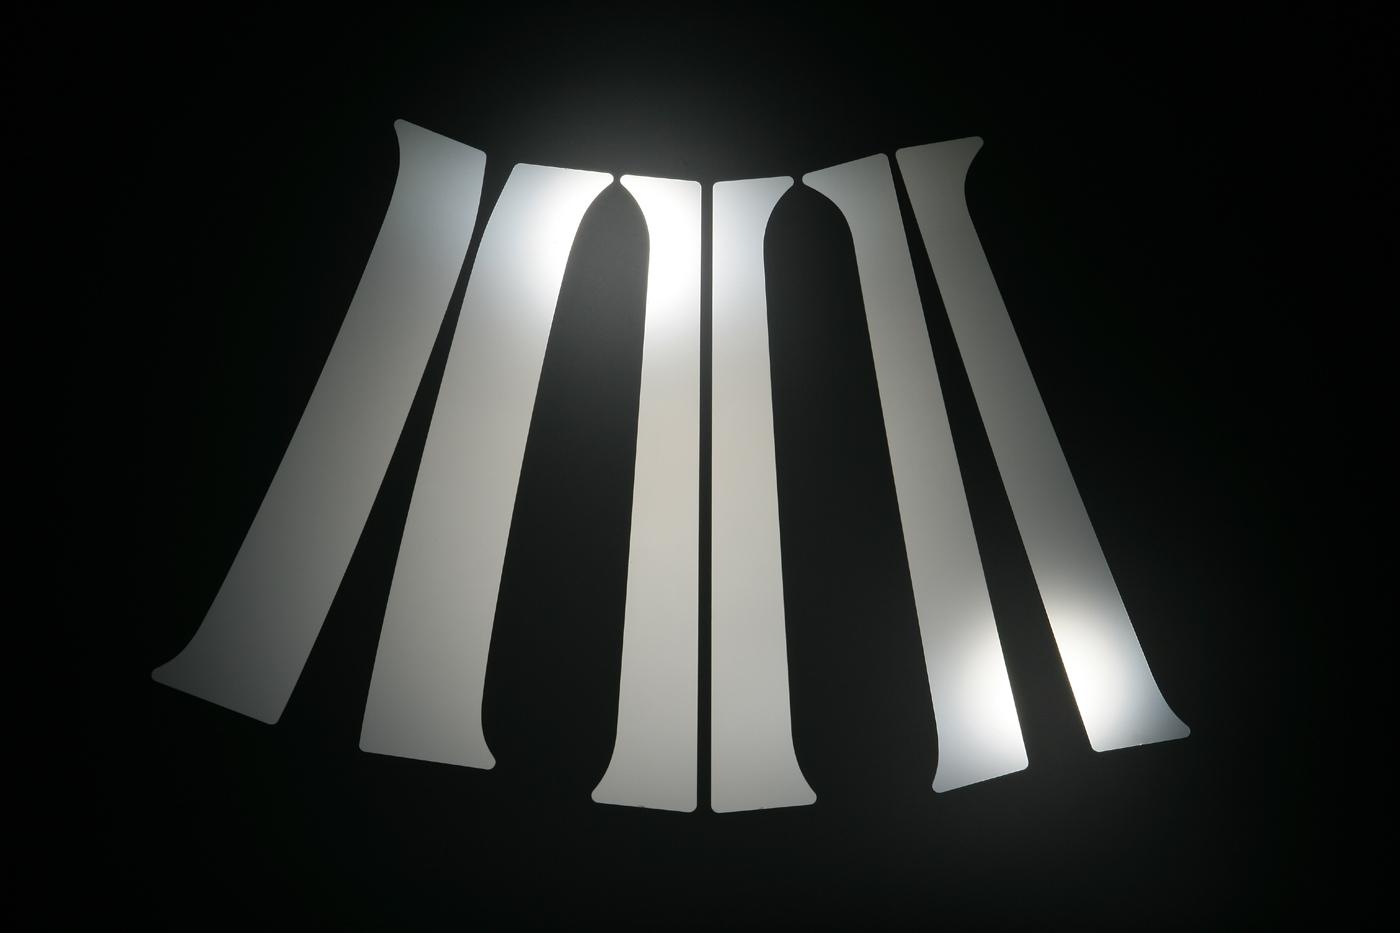 【ホンダ】【ライフ】 JB1.JB2.JB3.JB4 ステンレスピラー 4枚セット